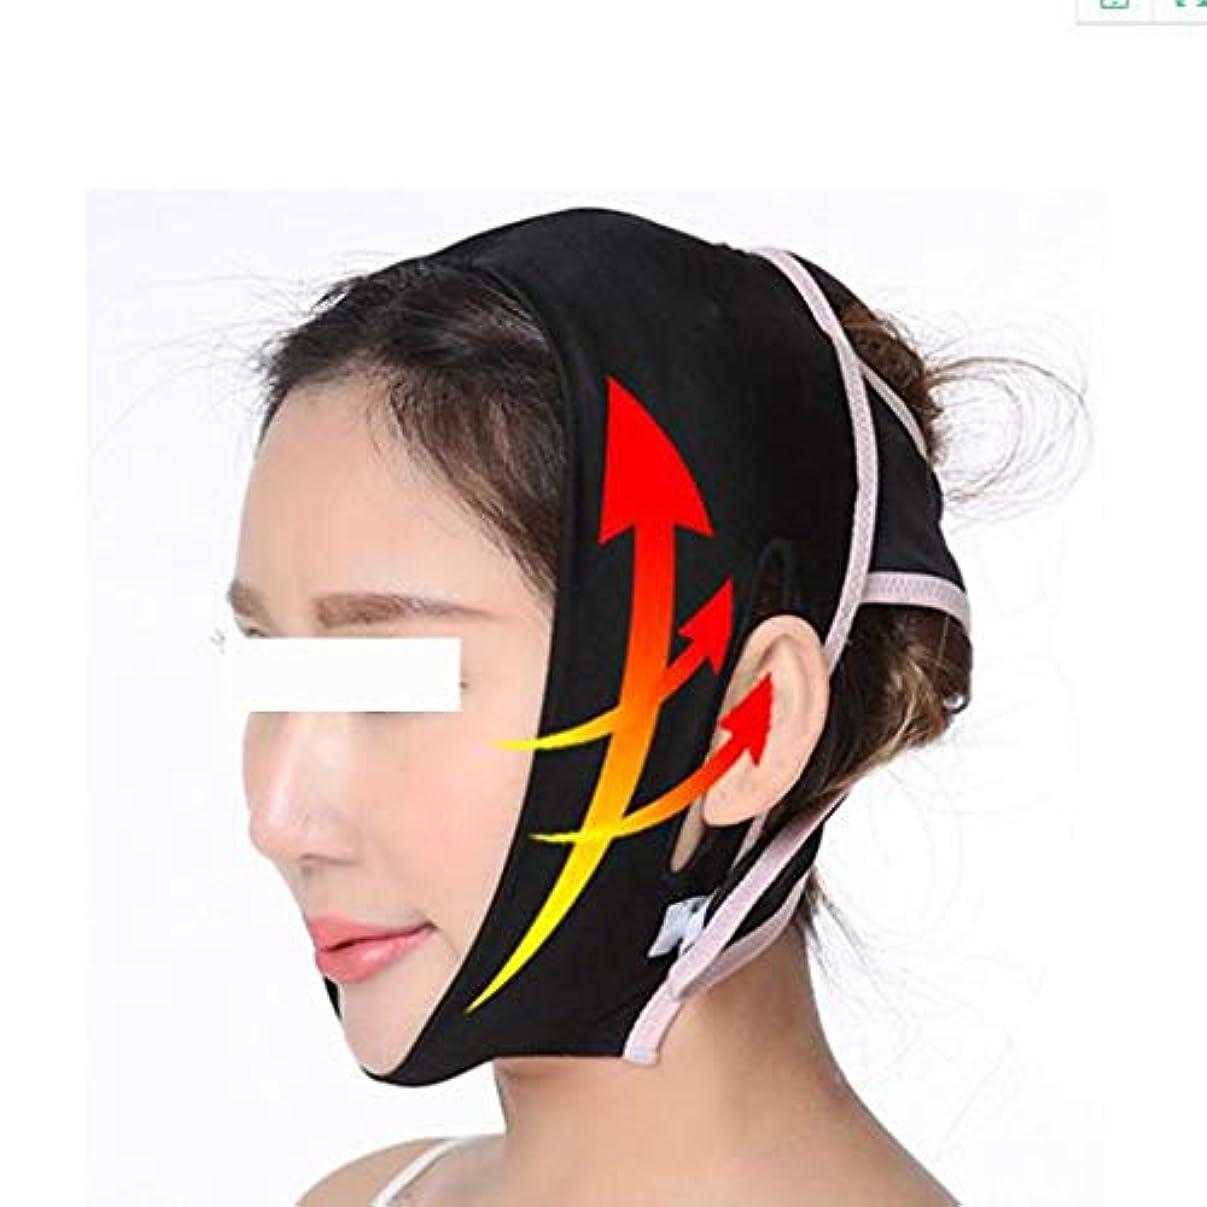 大気締め切りがっかりするV顔持ち上がる二重あご法律のパターンを削除する薄いV顔包帯 - 小さな顔マスク - 顔の形